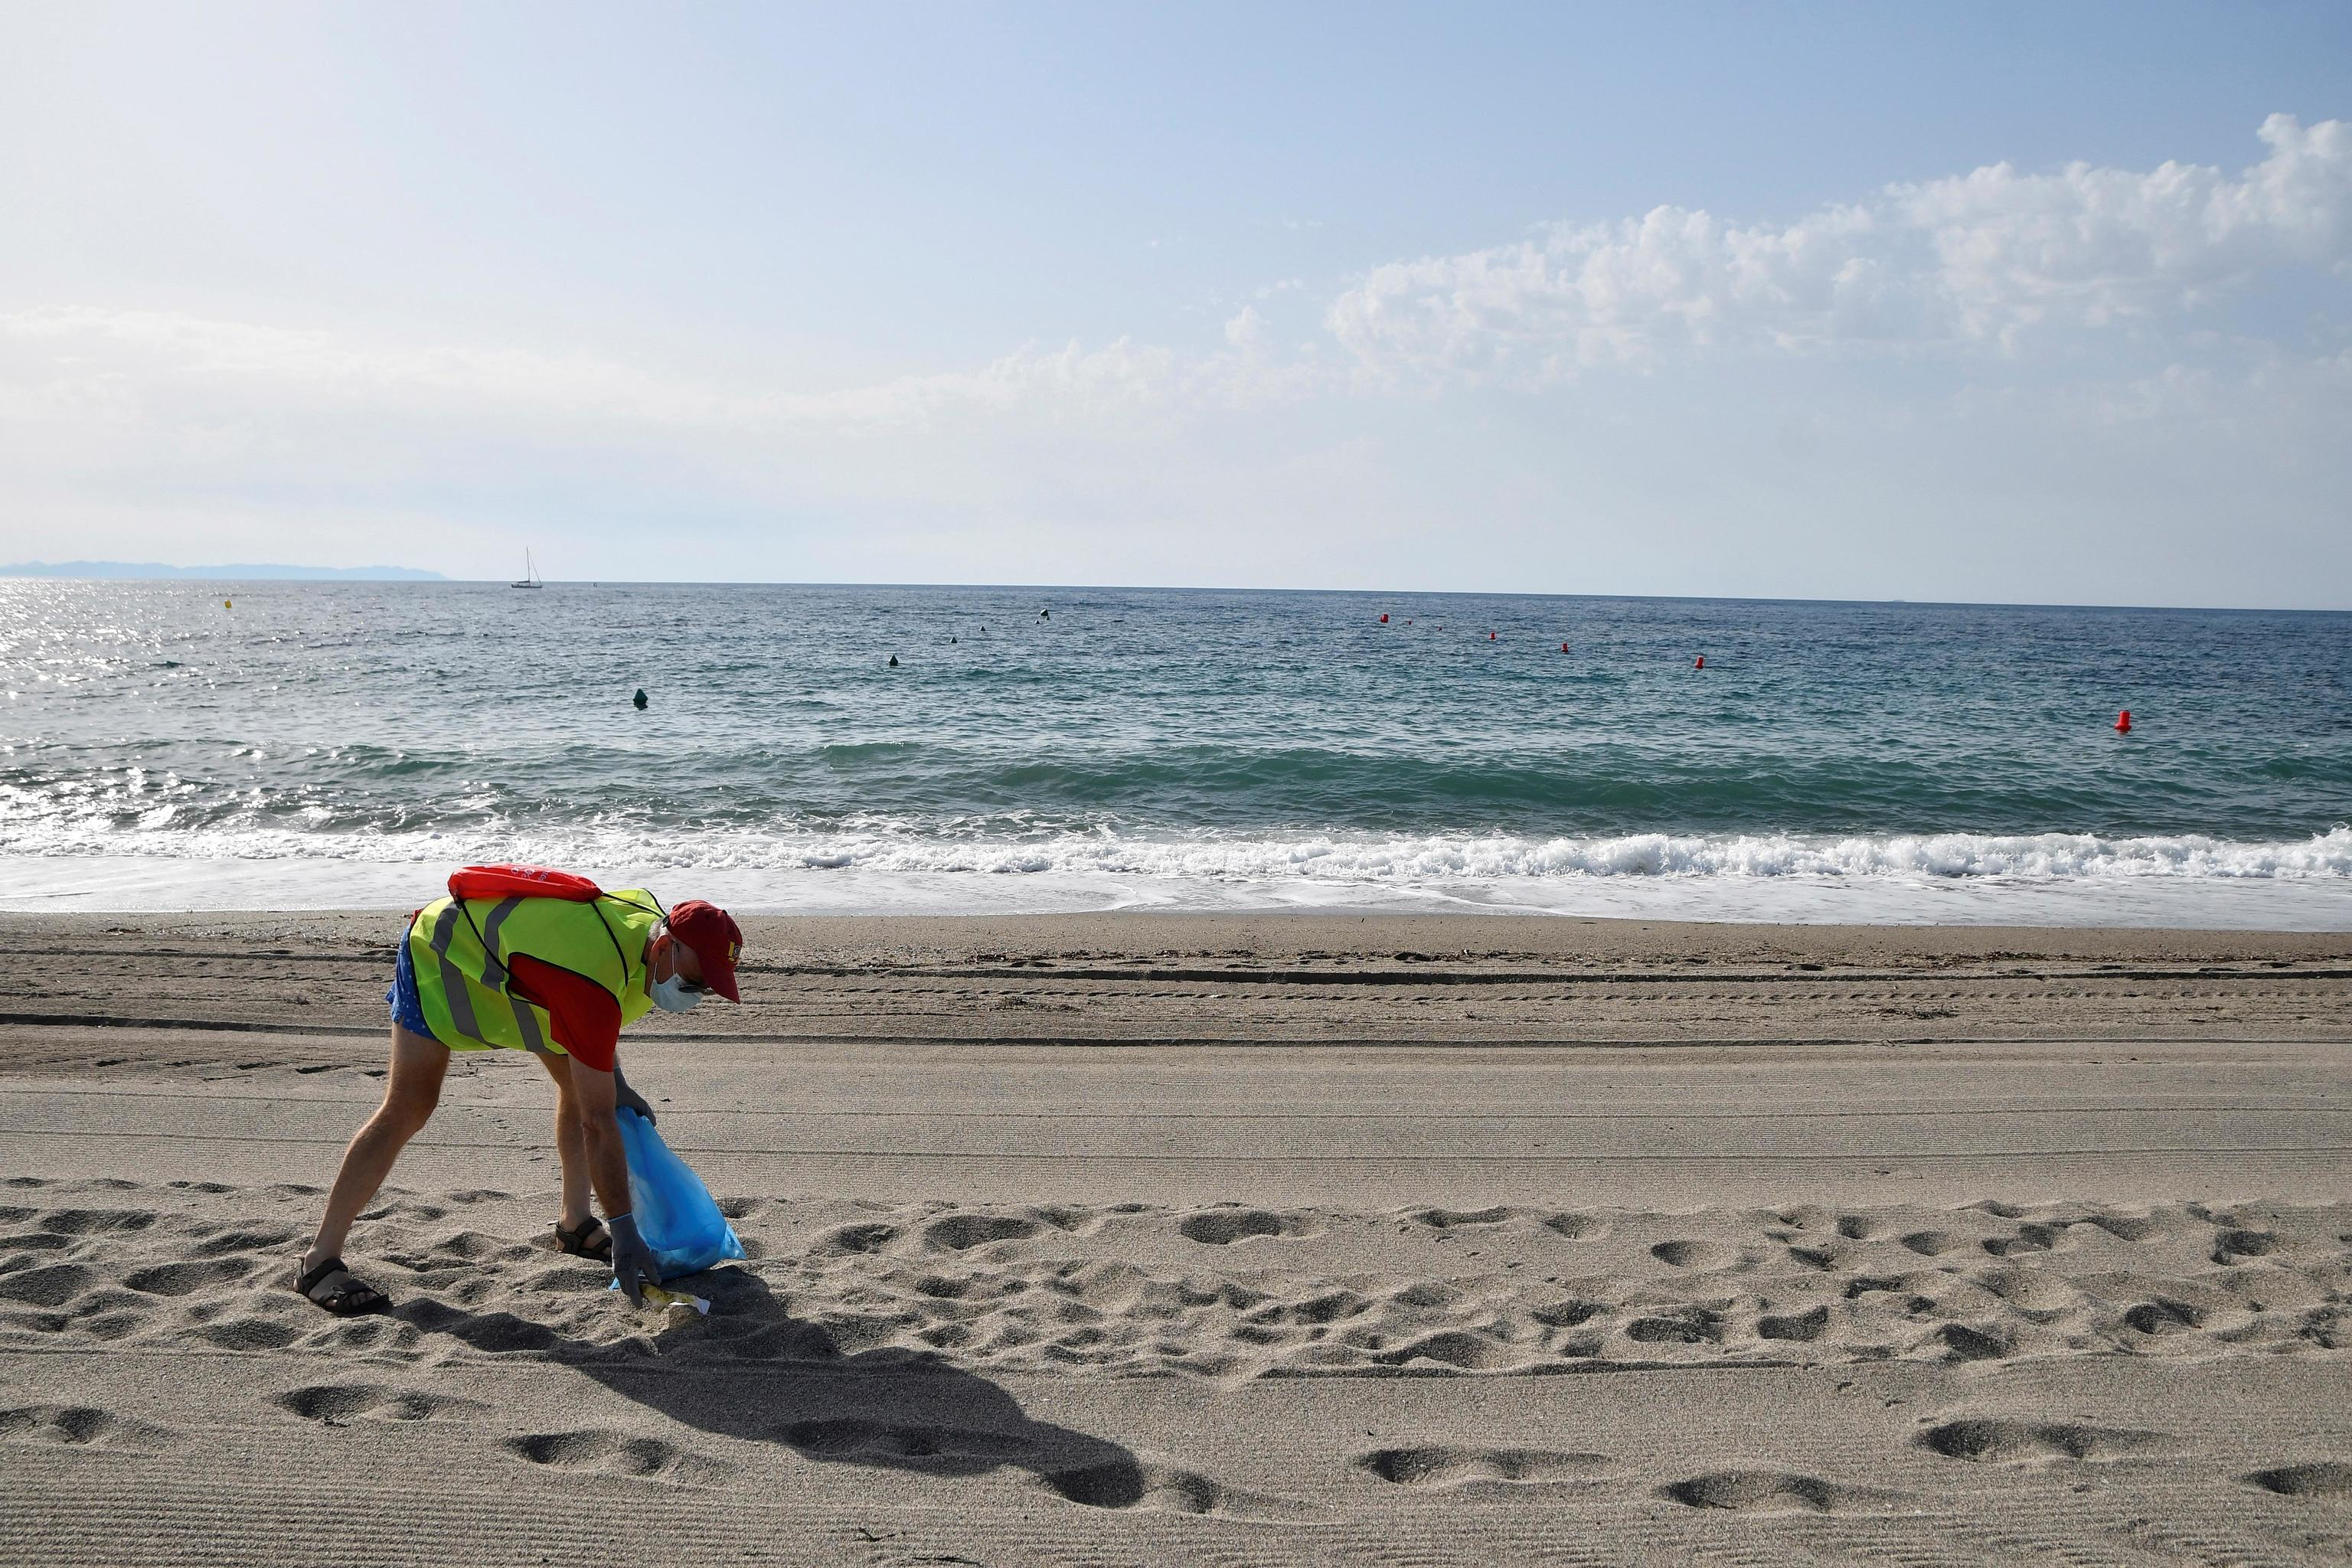 Voluntarios de Cruz Roja ayudan a recoger una playa de Almería.